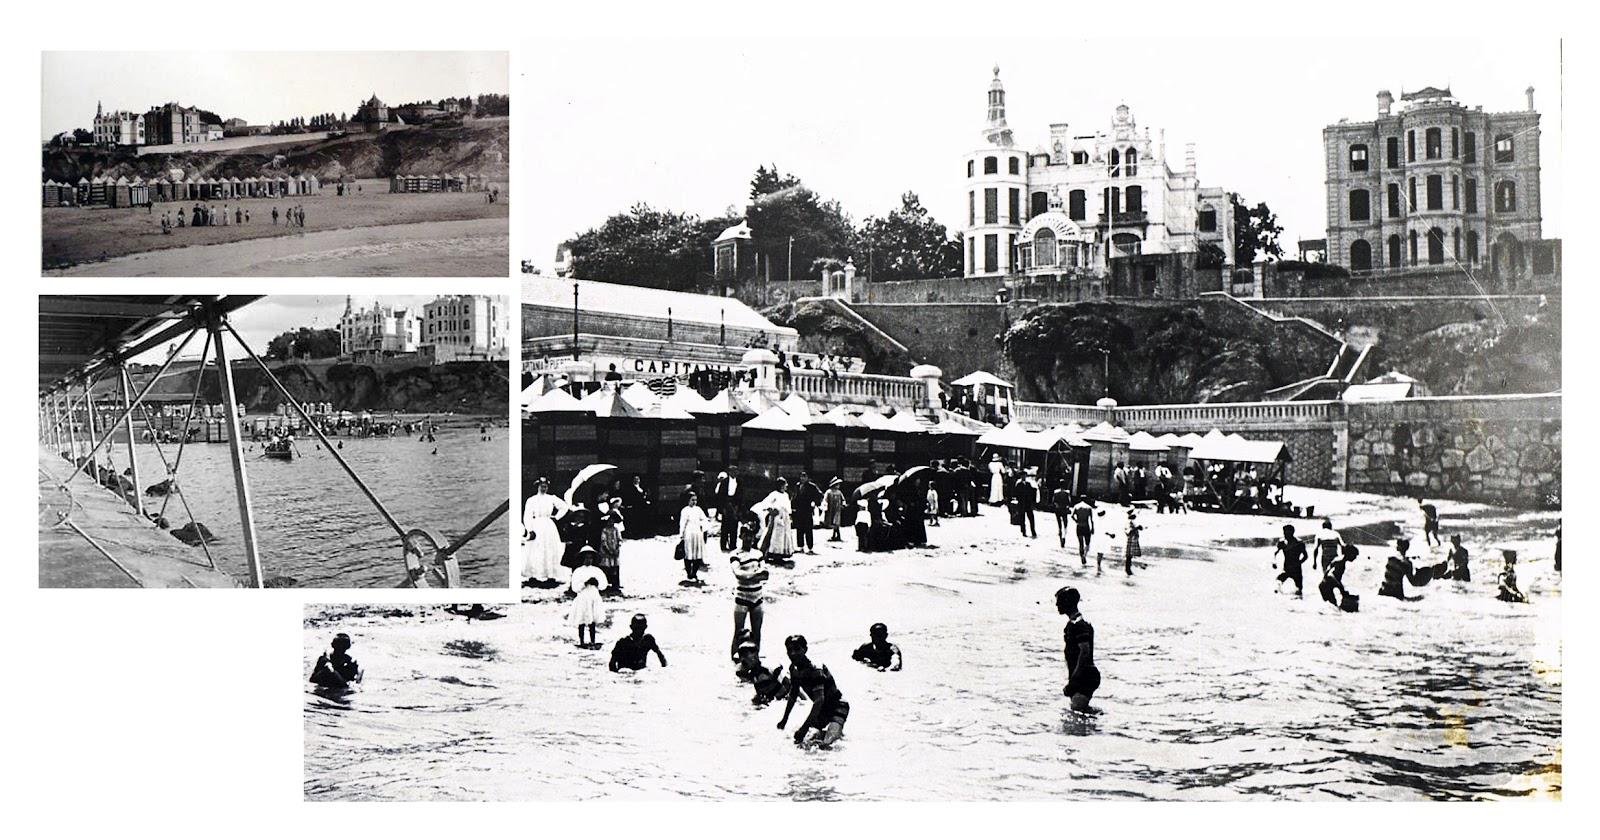 La ciudad perdida fotos para el recuerdo page 19 skyscrapercity - Piscinas de portugalete ...